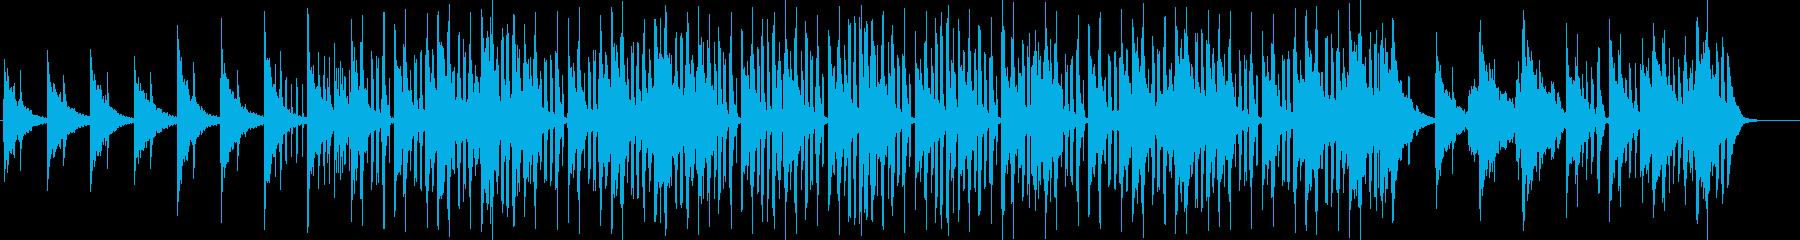 ノリタルジーなメロディーのR&Bの再生済みの波形